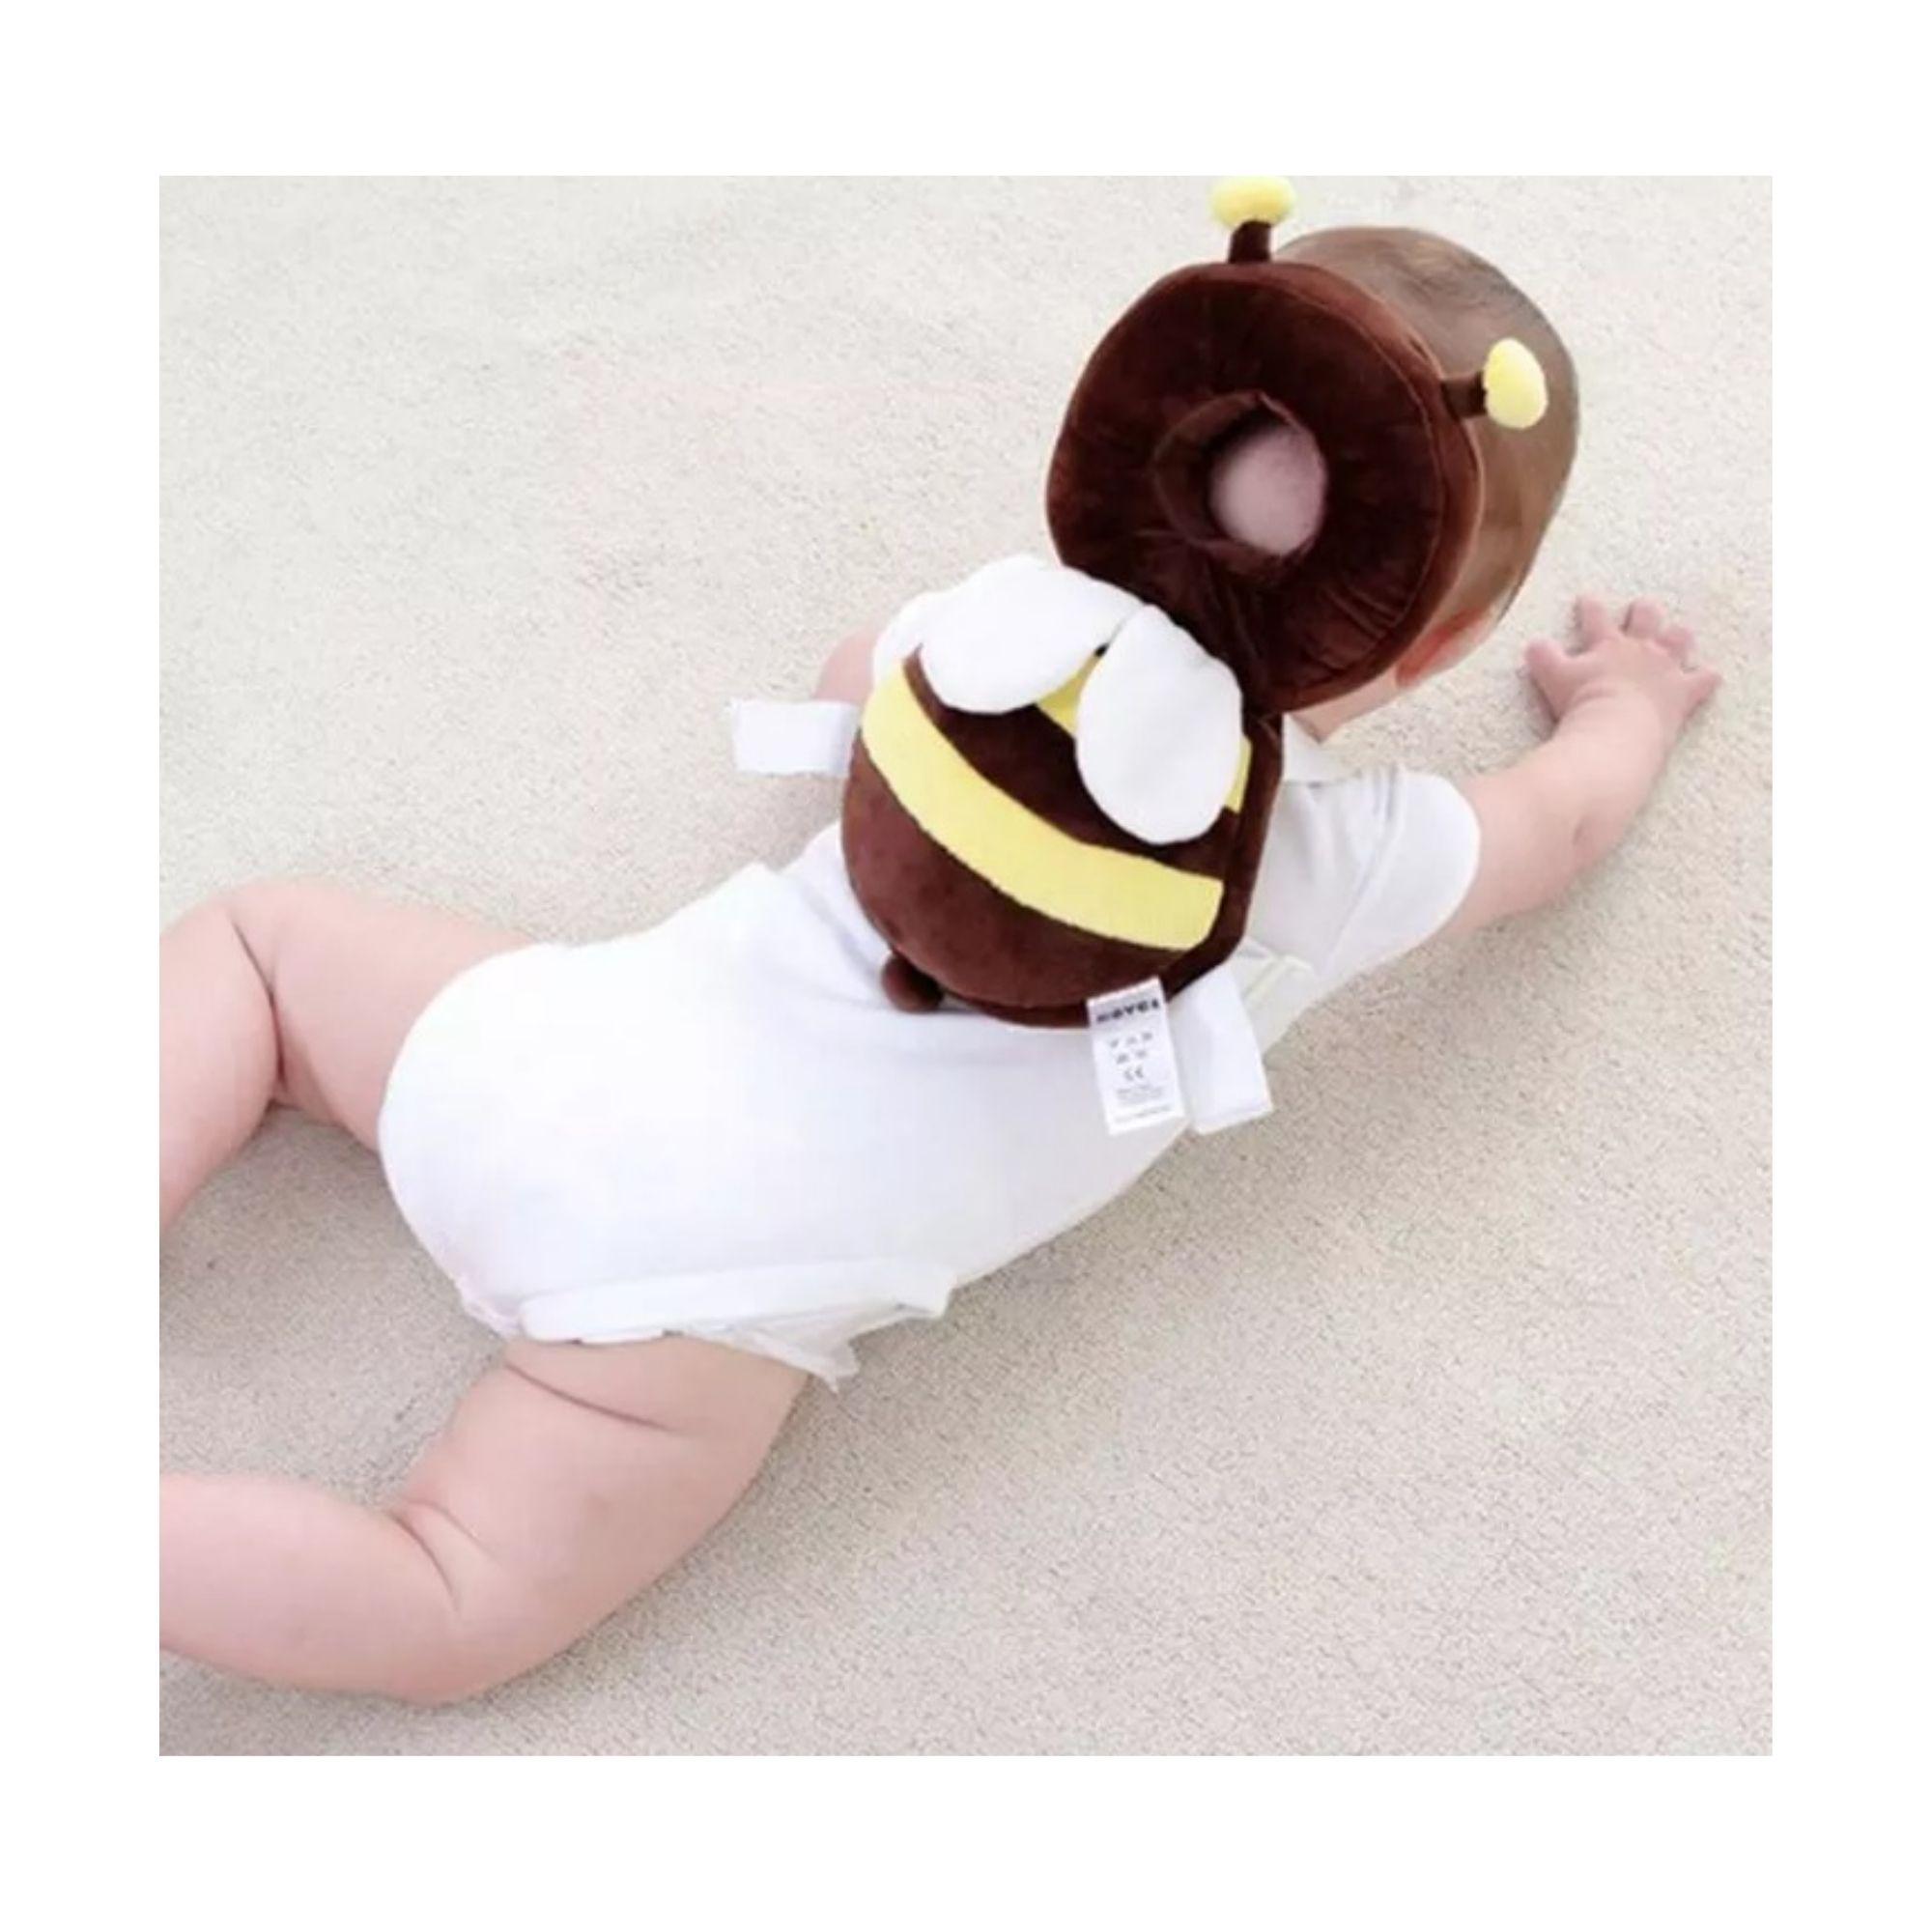 Protetor Bebe cabeça e costa para engatinhar e andar quedas e tombos  - Game Land Brinquedos